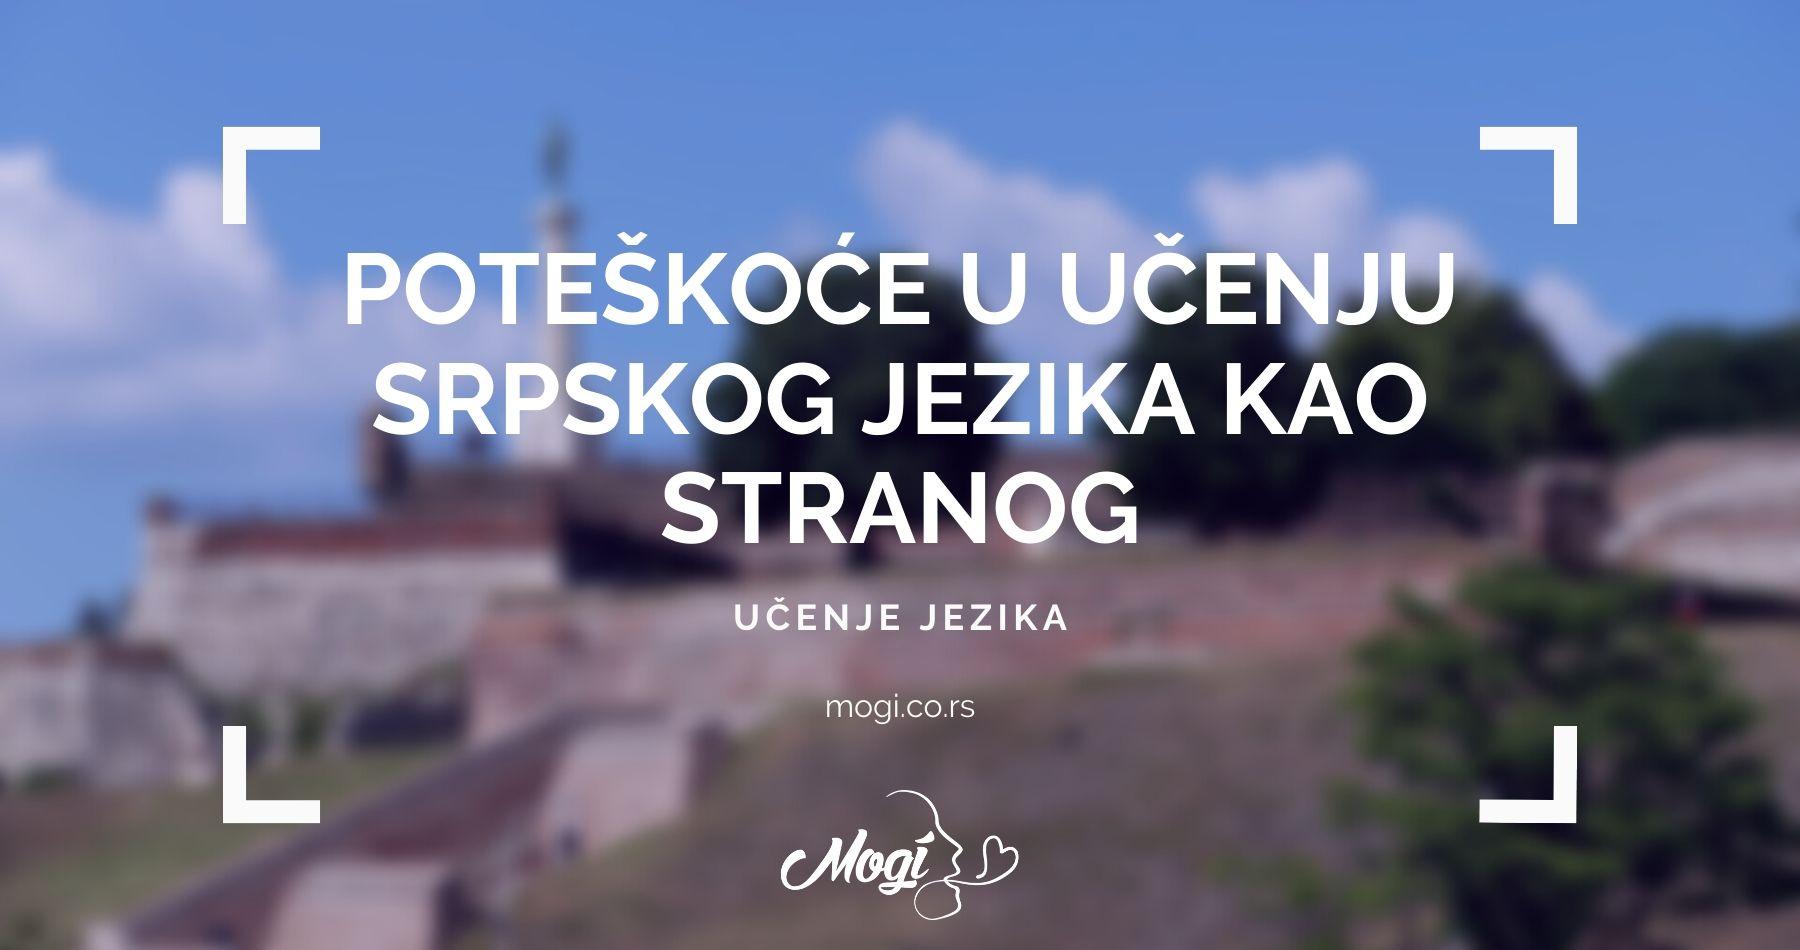 srpskog jezika